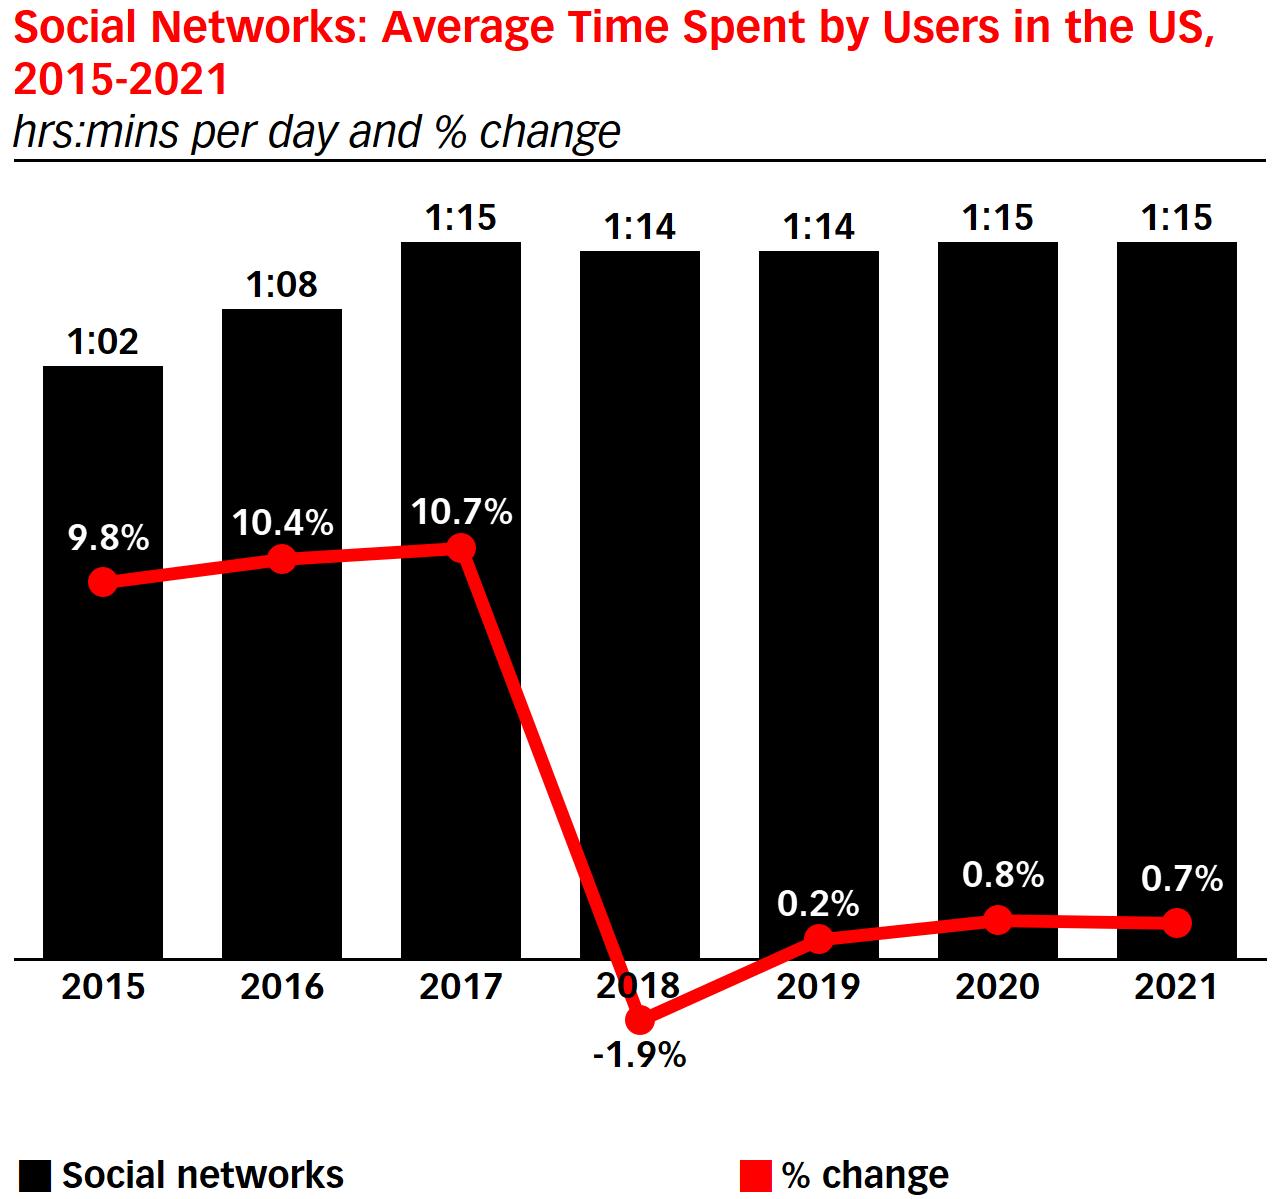 アメリカのユーザーが1日にソーシャルネットワークに費やす平均時間 2015-2021